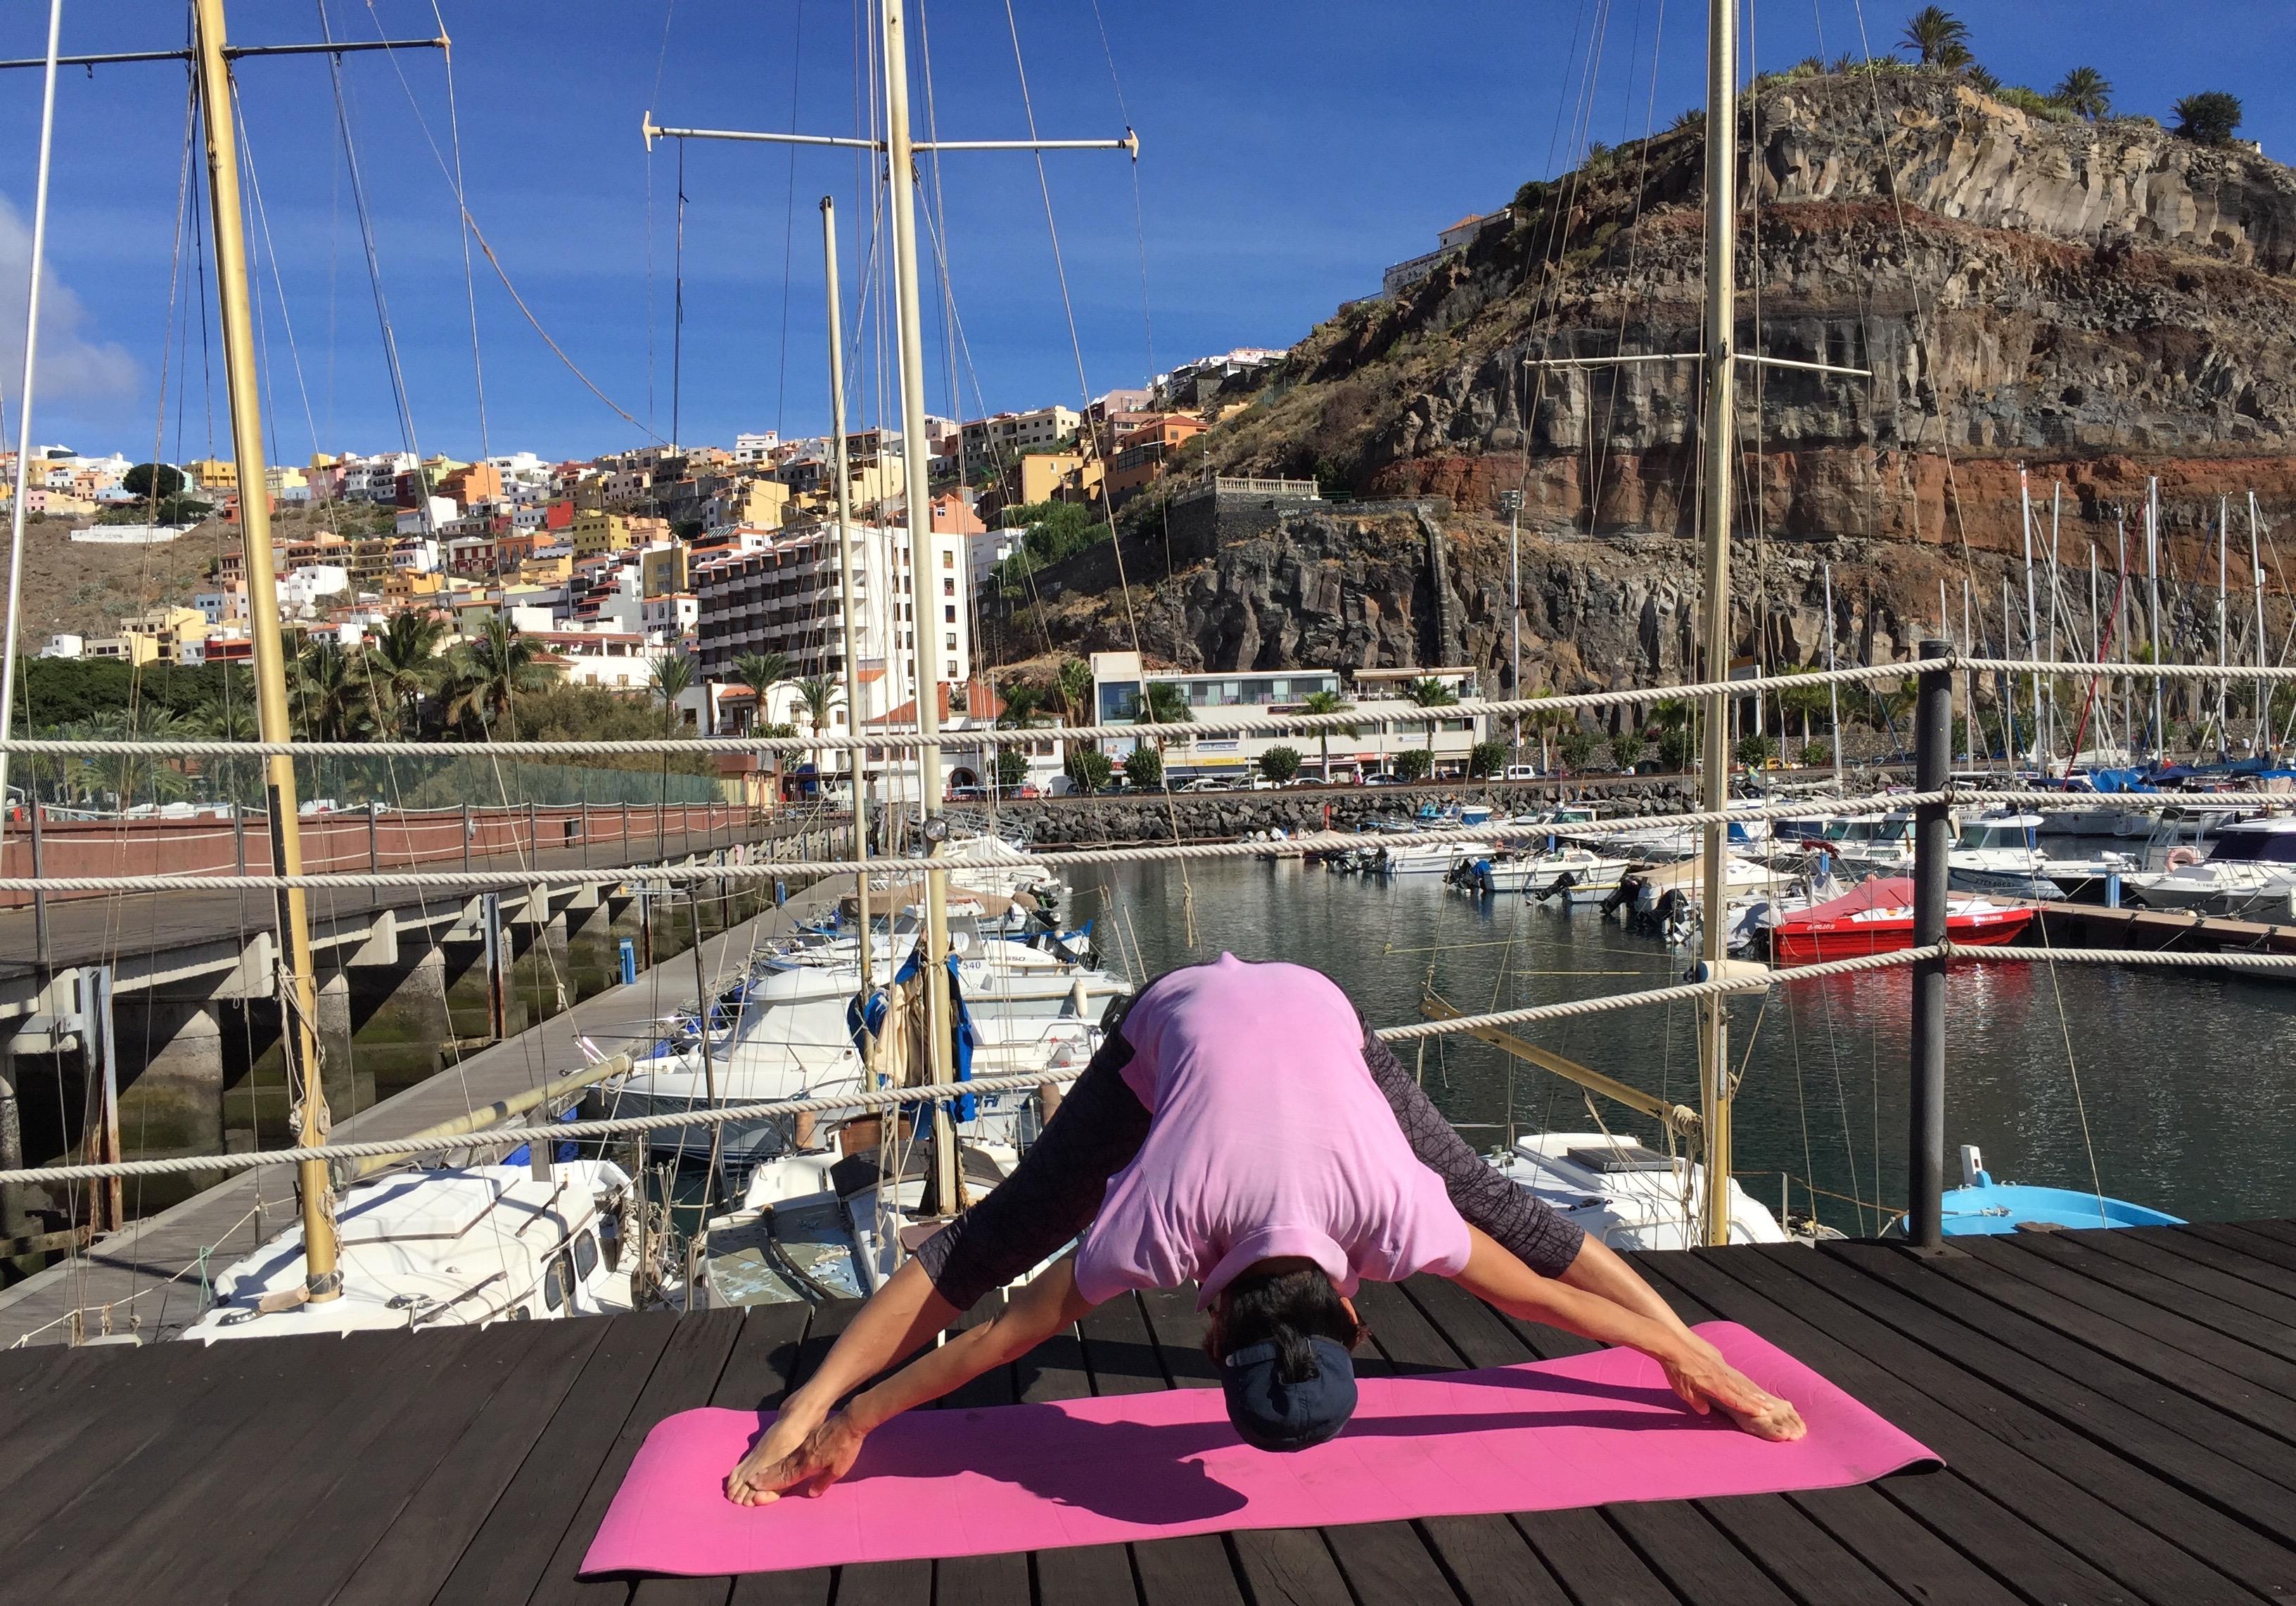 工作人员,大西洋,哥伦布,吹口哨,练瑜伽 山区传信吹口哨,海边健身练瑜伽--《再济沧海》(87) IMG_3311.JPG